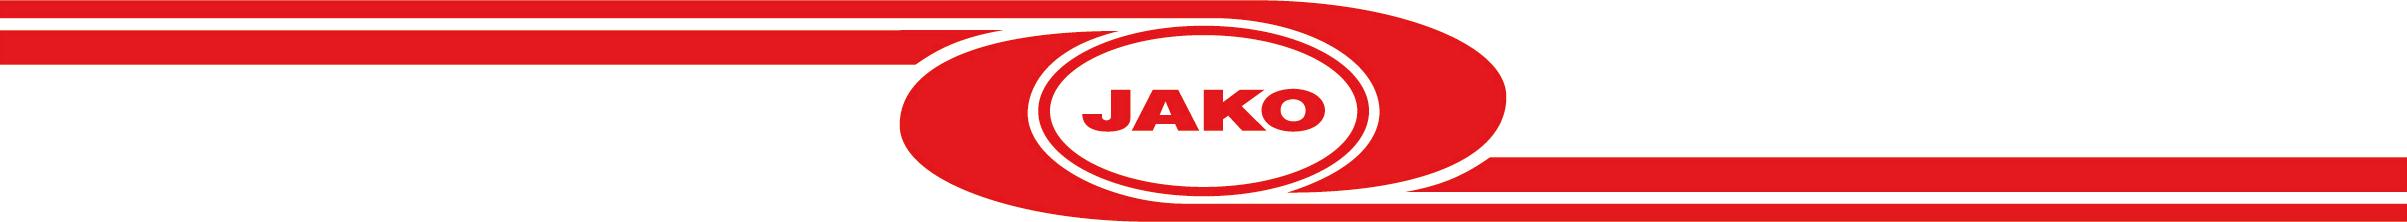 Jako-logo-groot